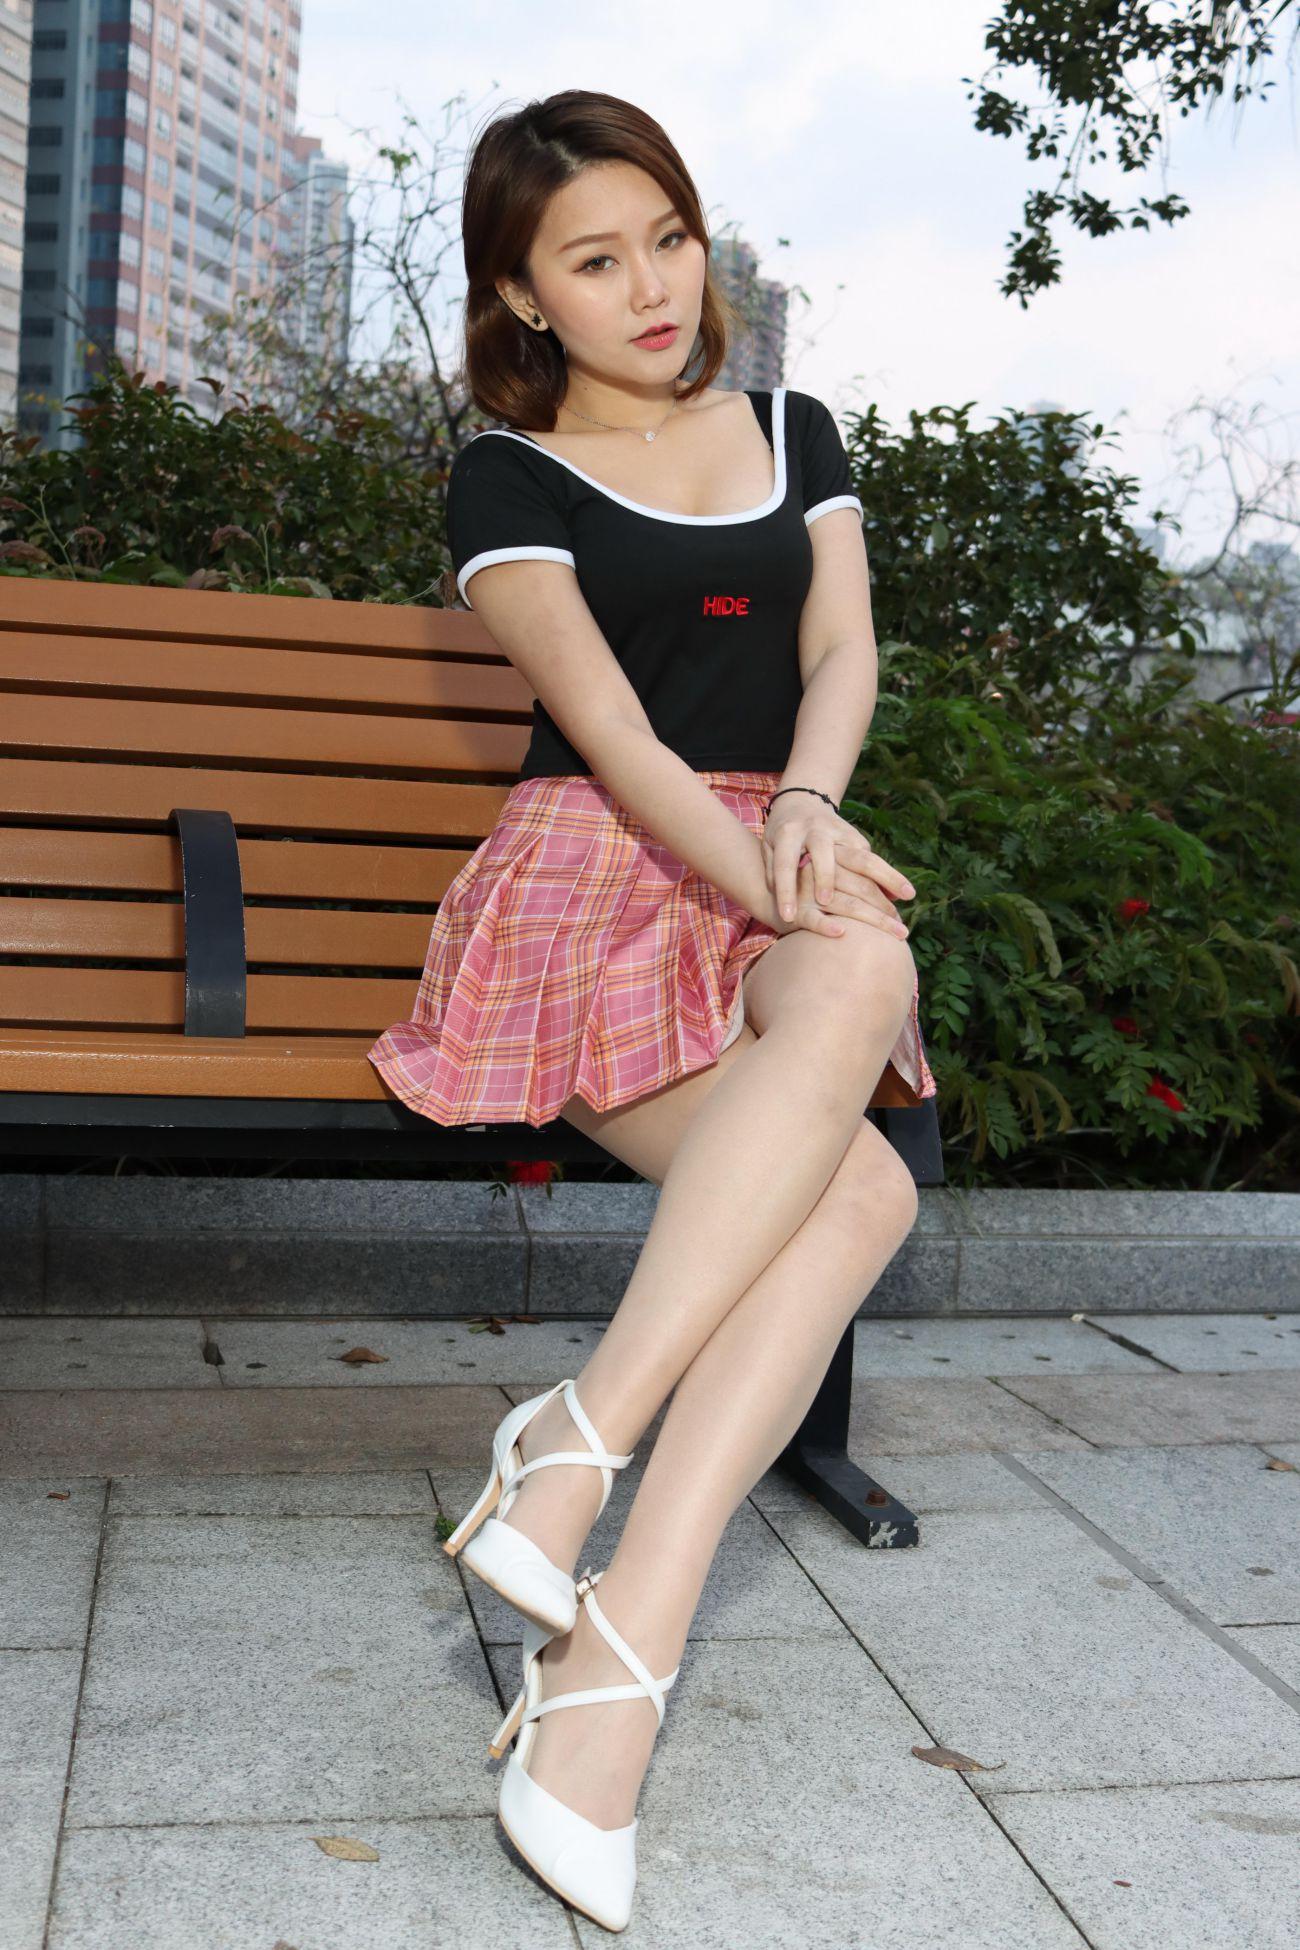 台灣腿模絲襪高跟鞋美腿外拍 Erika 短裙絲襪高跟美腿外拍 [49P] - 貼圖 - 絲襪美腿 -